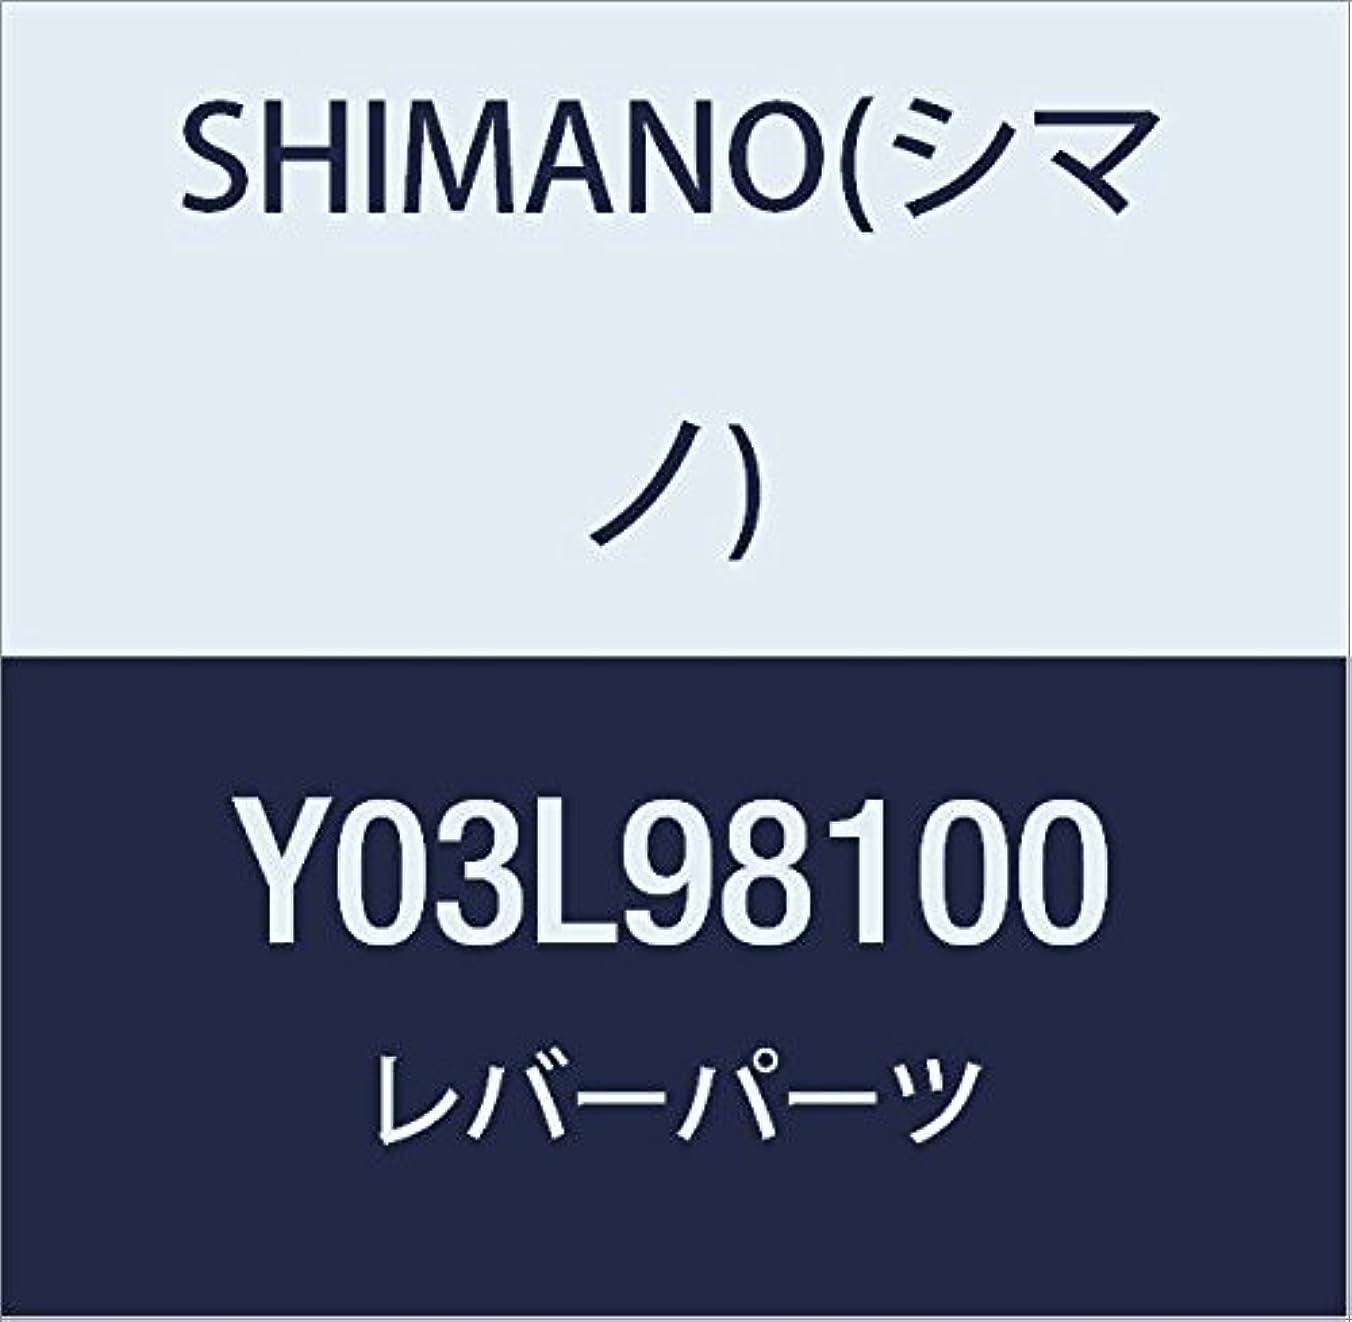 傾向があります厄介な詳細なSHIMANO(シマノ) SL-M8000-I レバーUT Y03